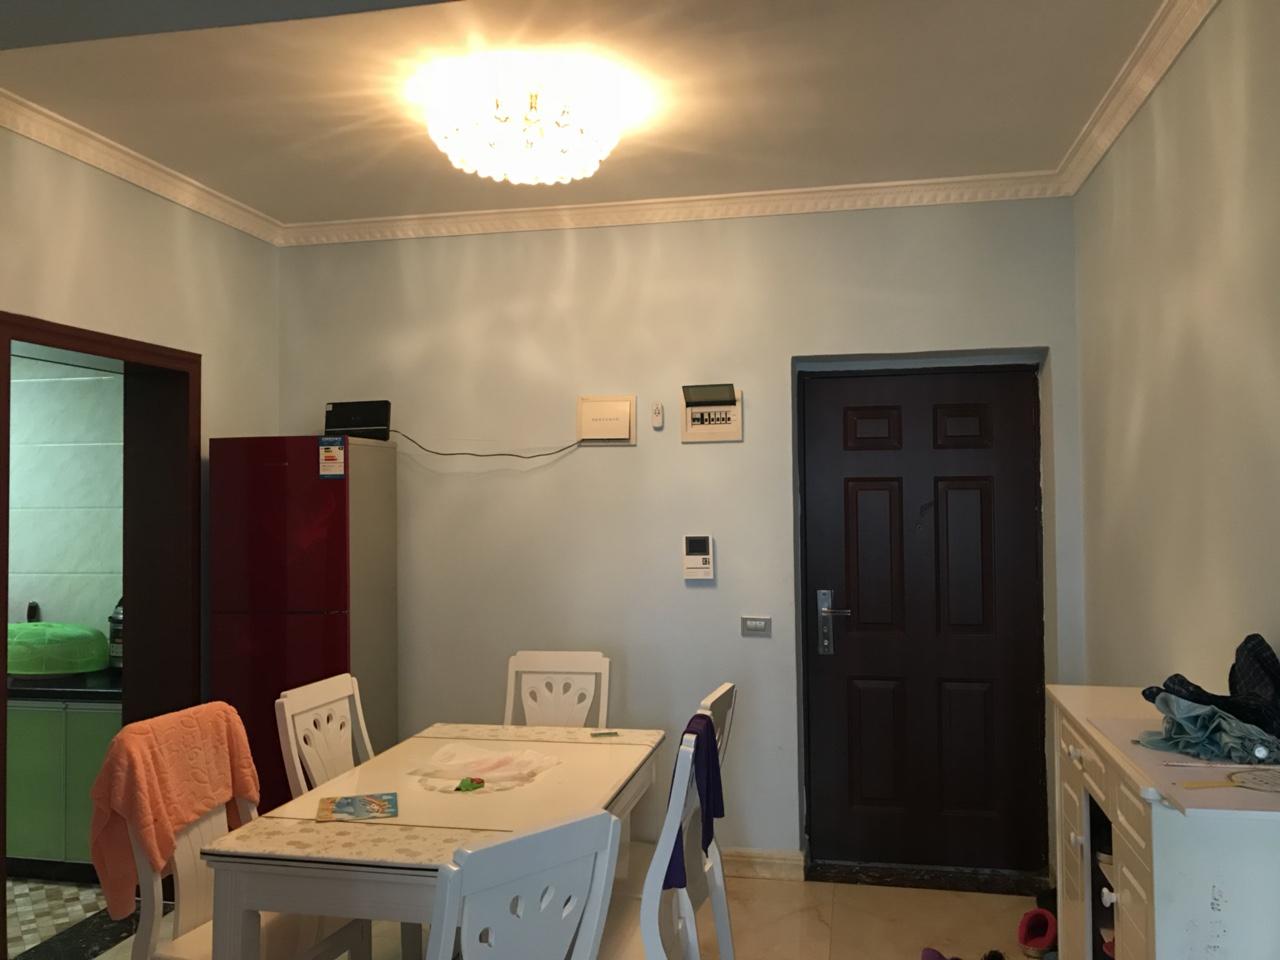 沸城时代精装2室,证上面积76平米喊价35万!